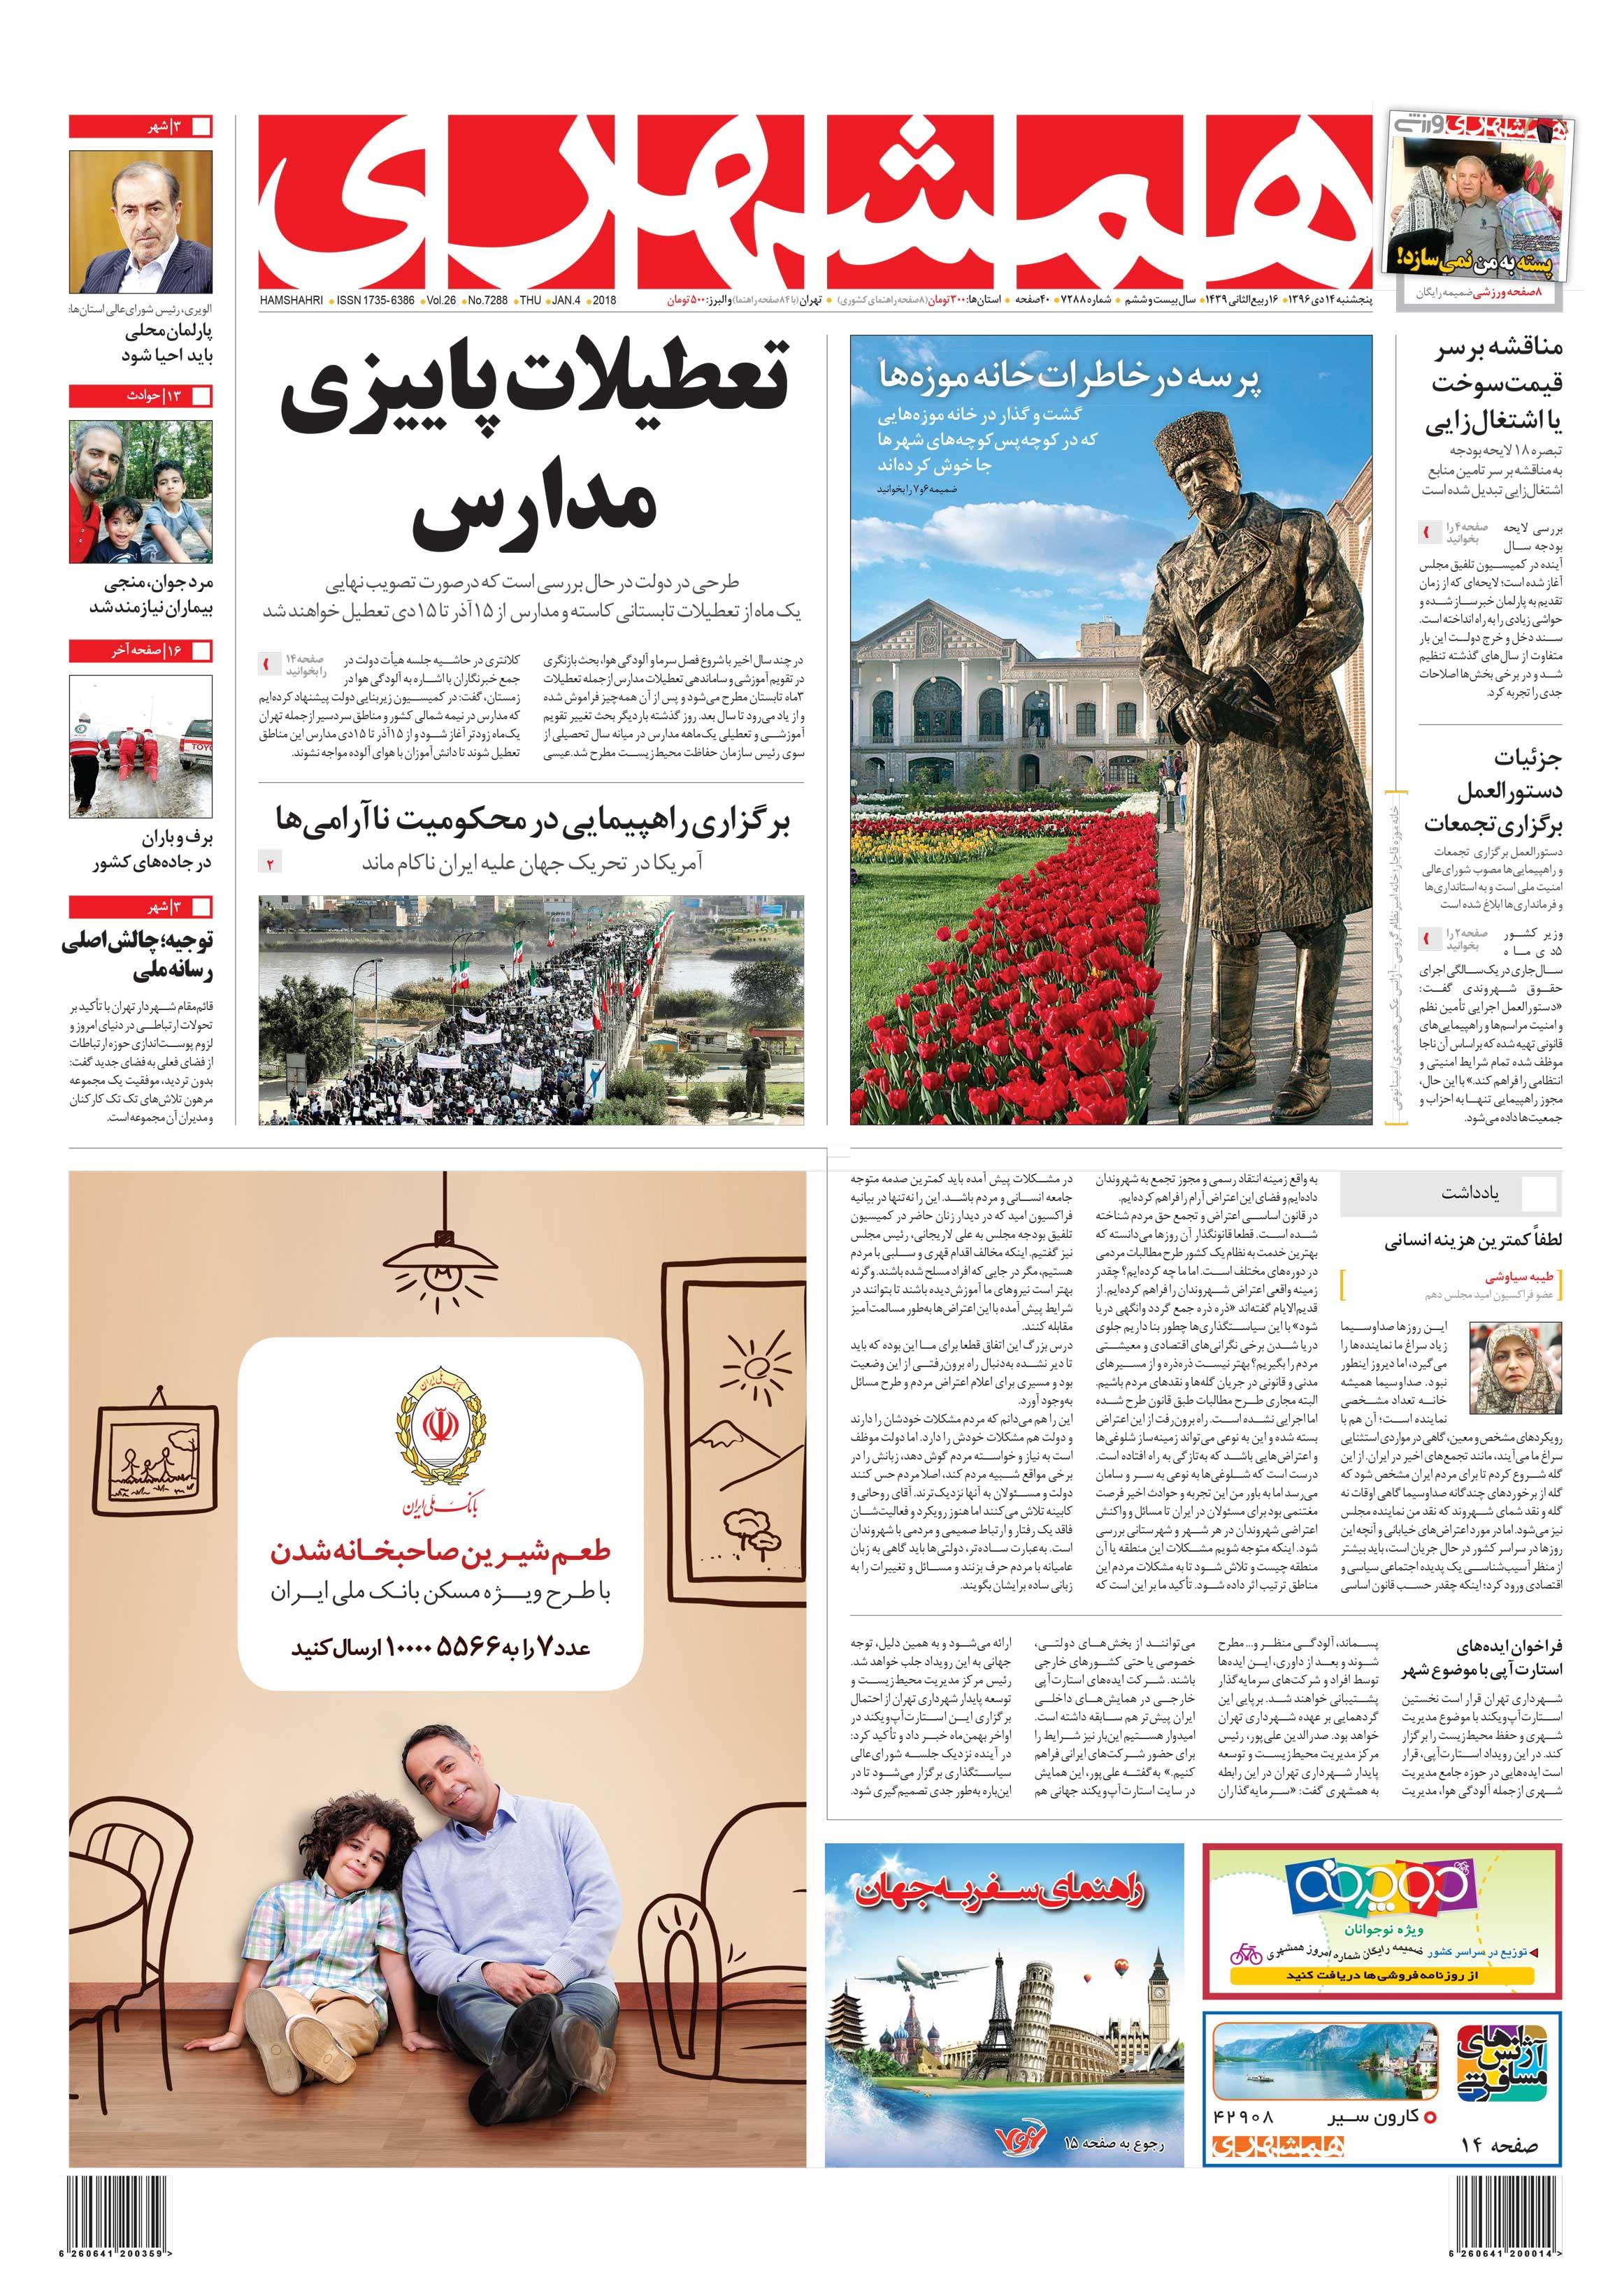 صفحه اول پنجشنبه 14 دیماه 1396